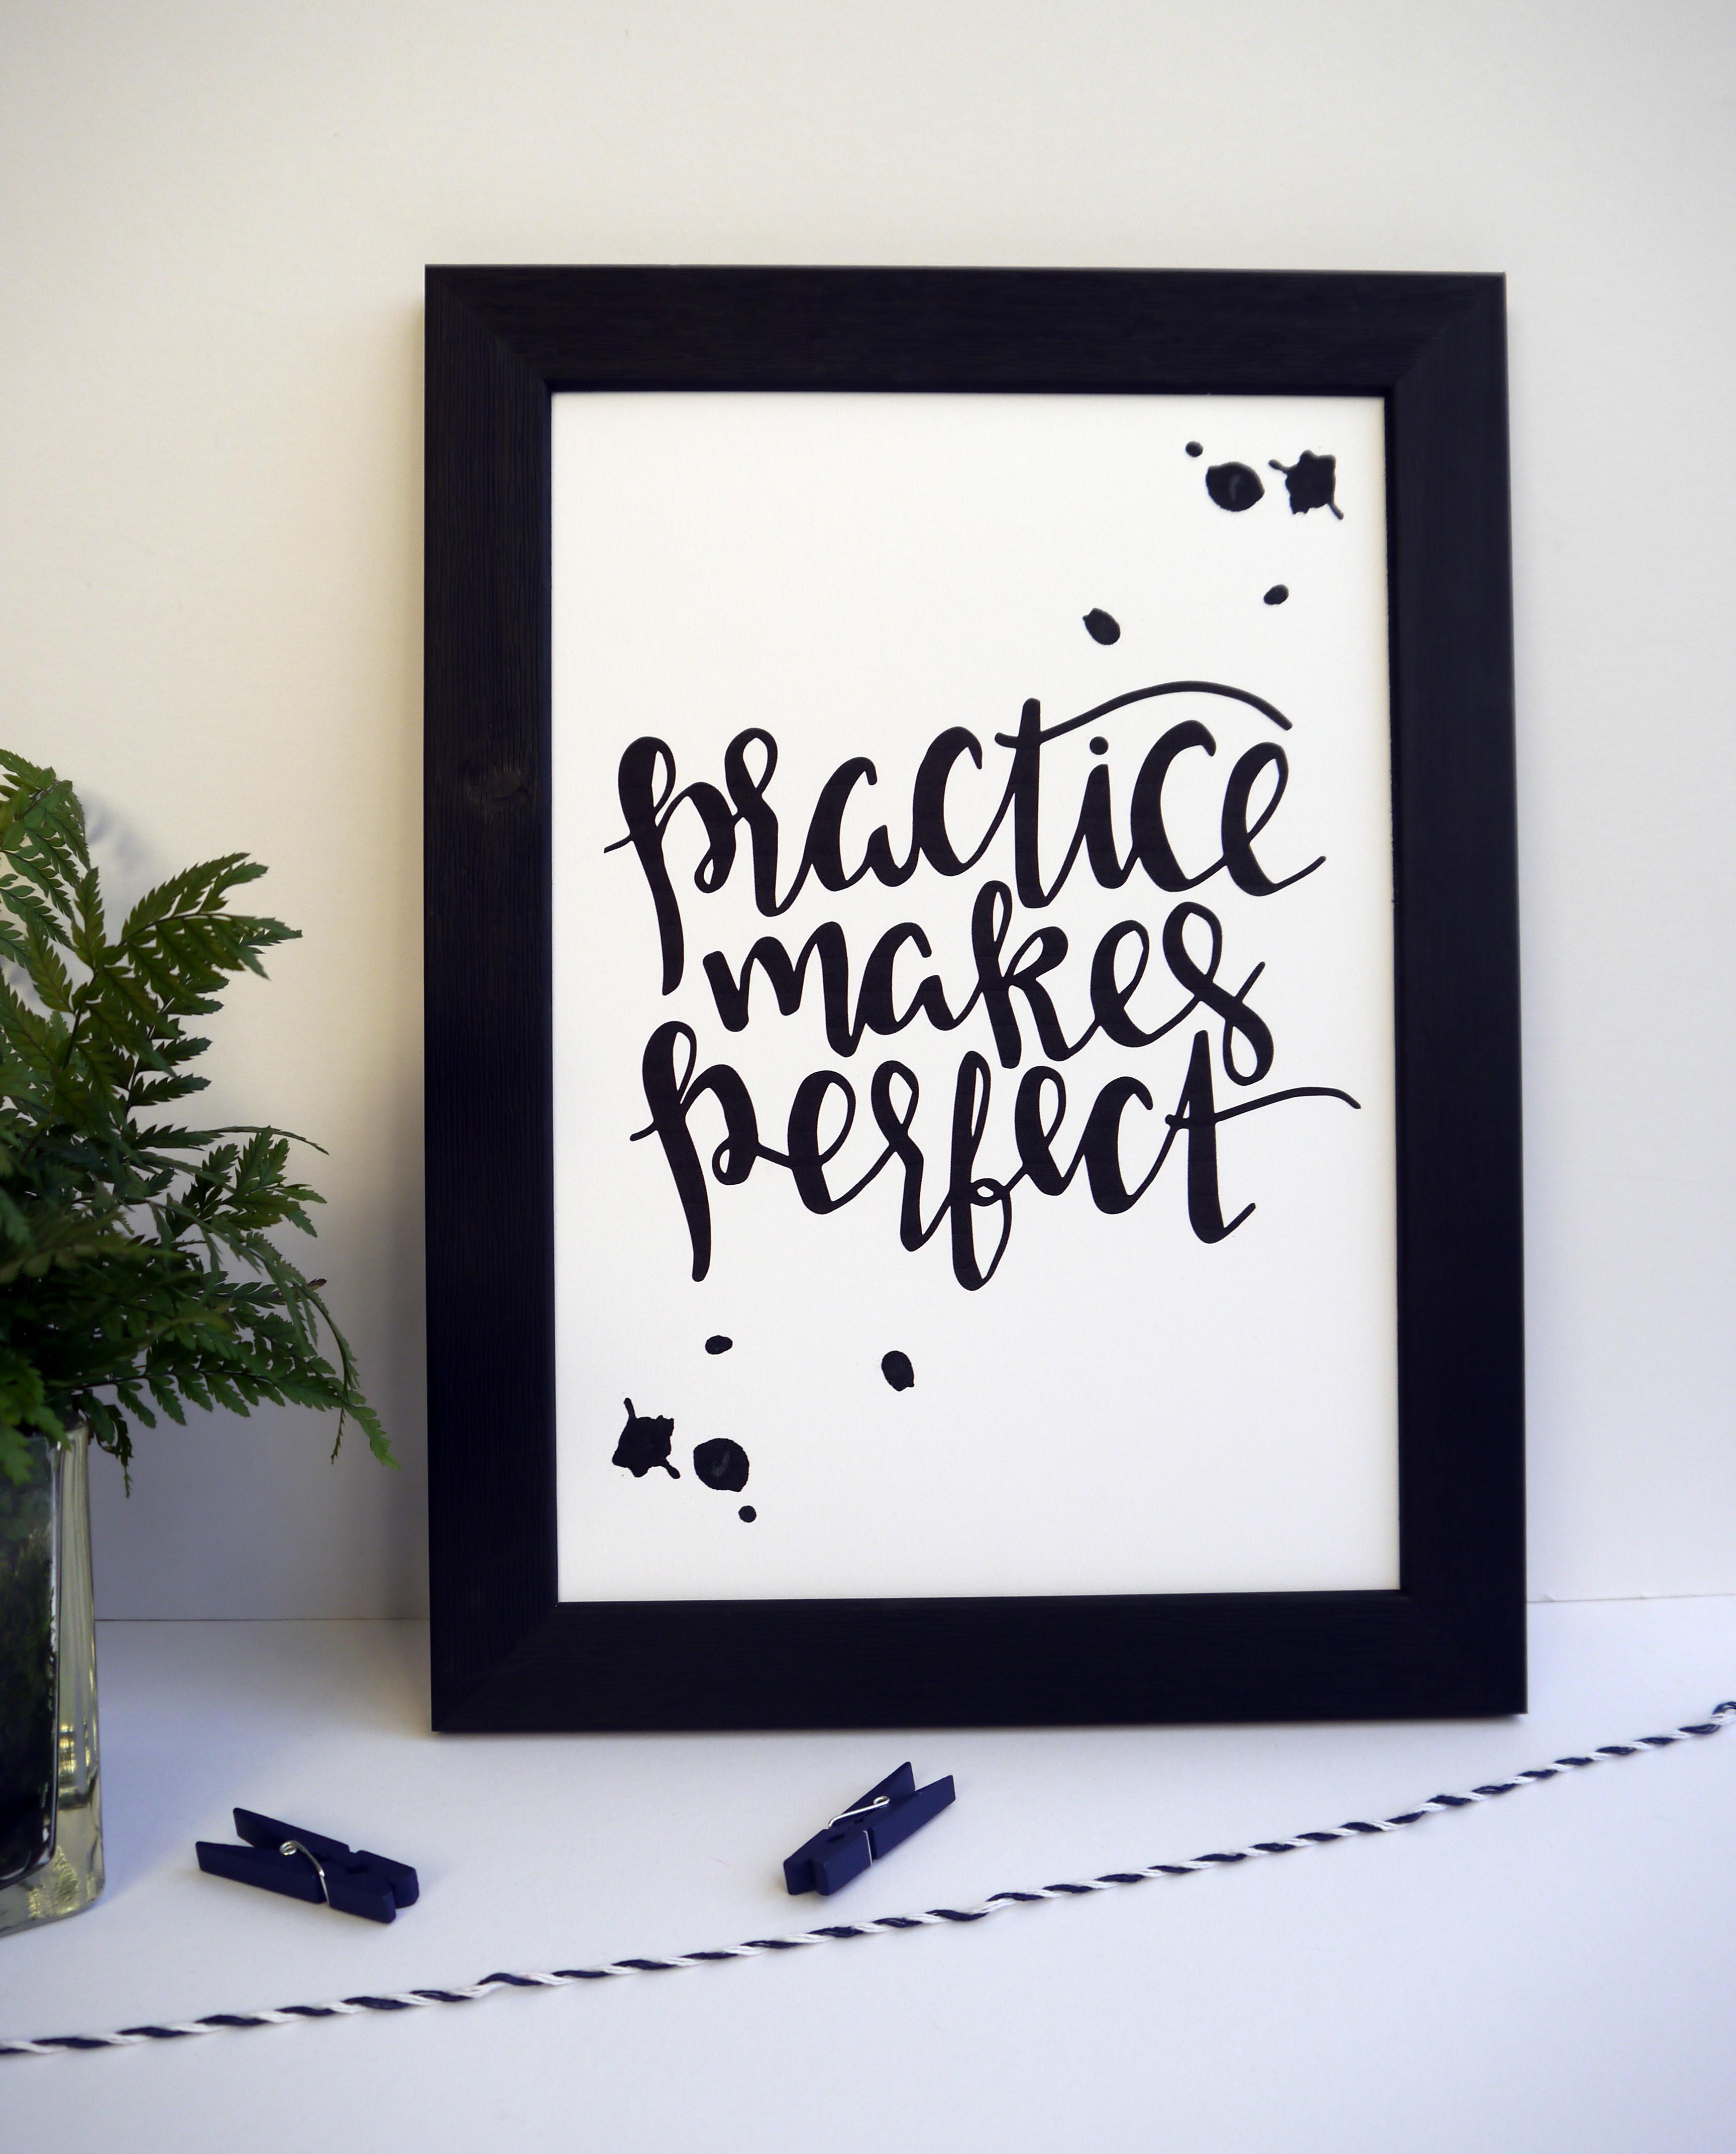 practice standing